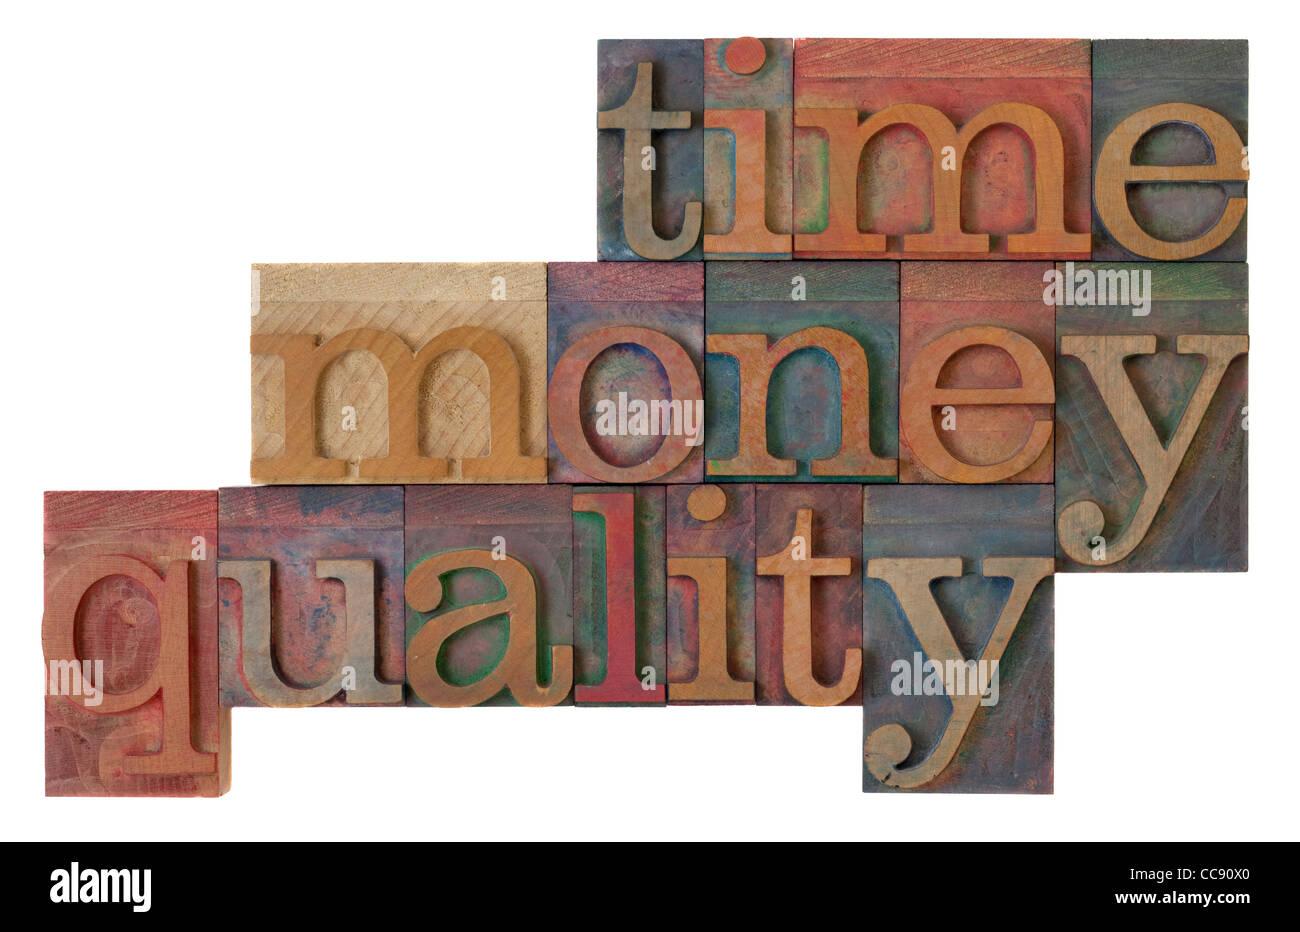 - Stratégie de gestion de temps, d'argent, autrement dit de qualité en bois de type vintage letterpress, tachés Banque D'Images